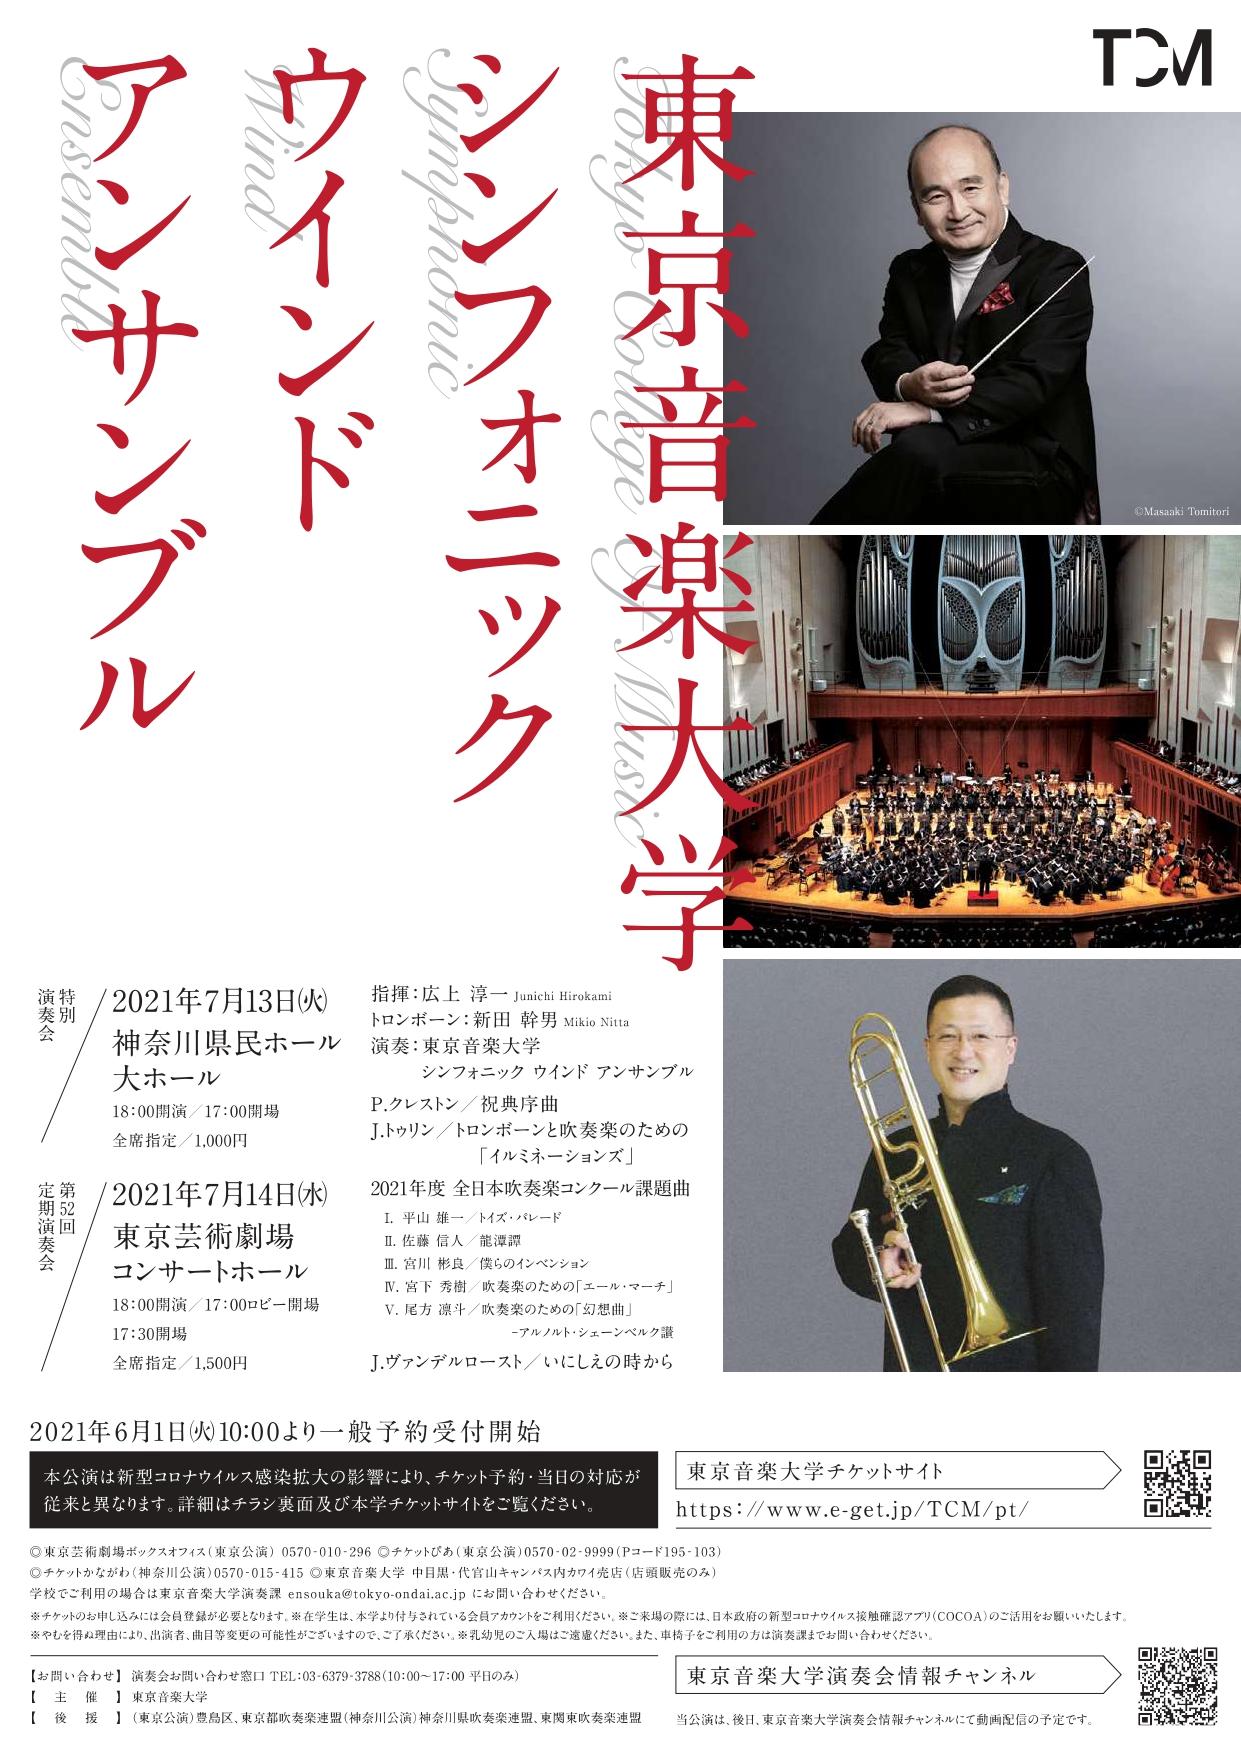 東京音楽大学シンフォニック ウインド アンサンブル 特別演奏会